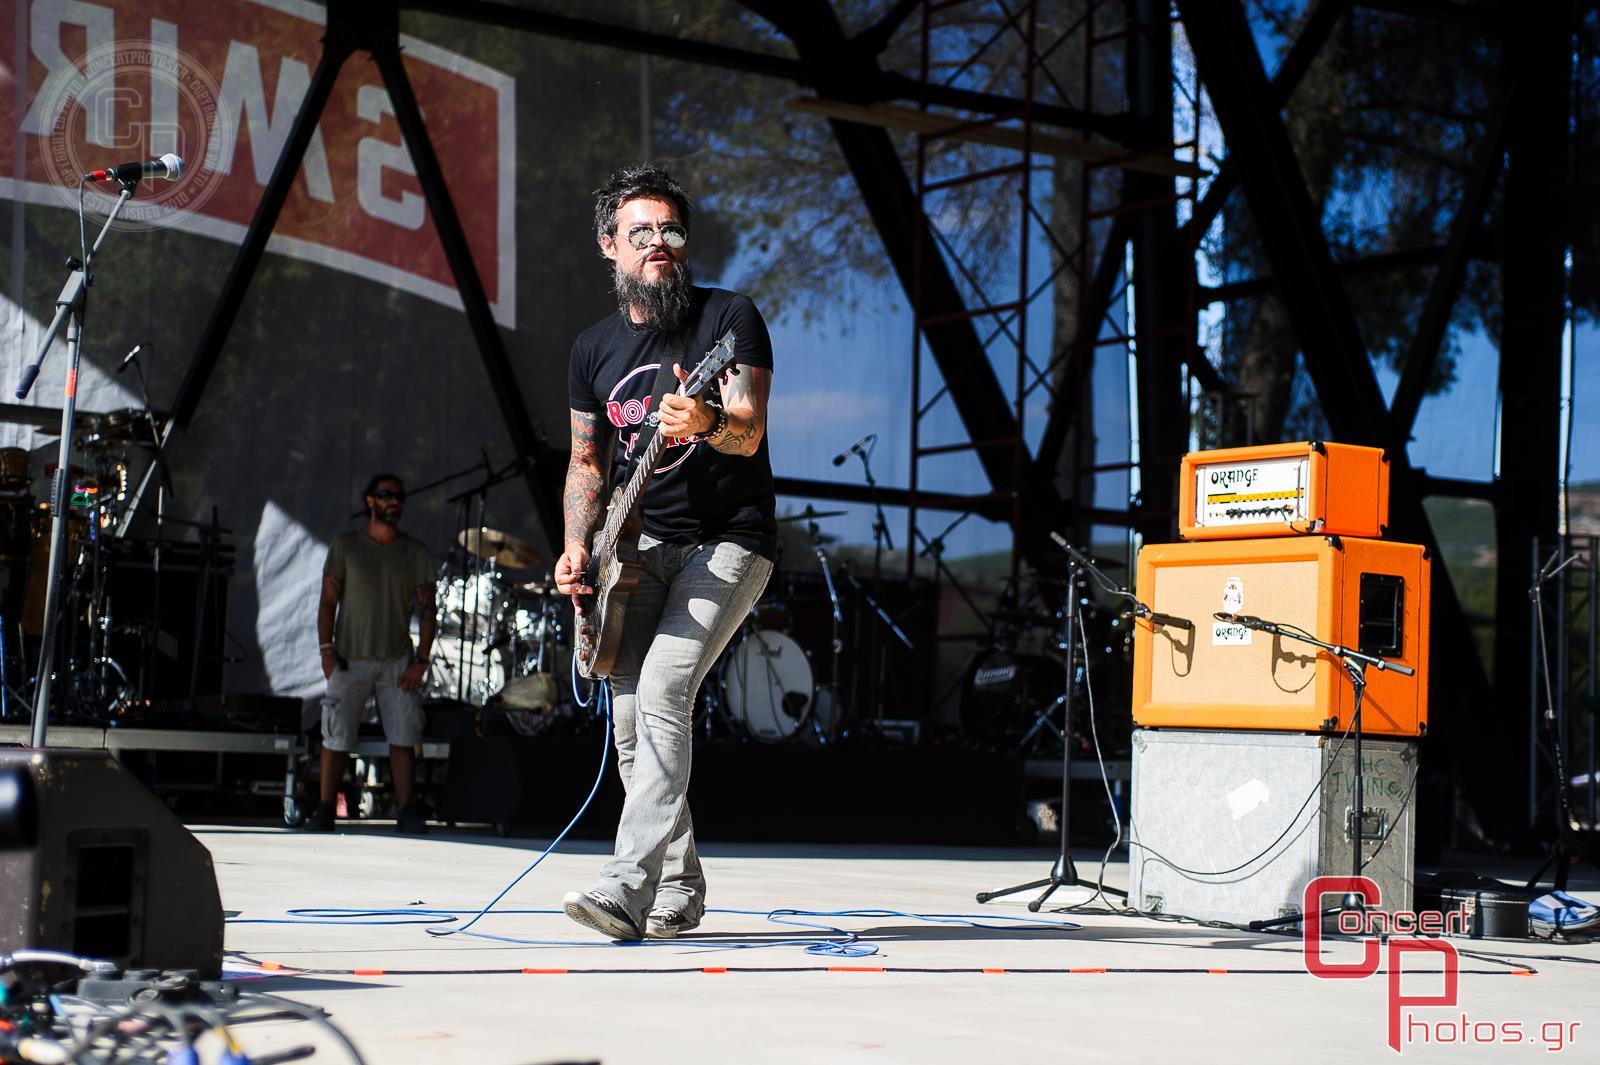 Rockwave 2014-Rockwave 2014 - Day 1 photographer:  - Rockwave-2014-7